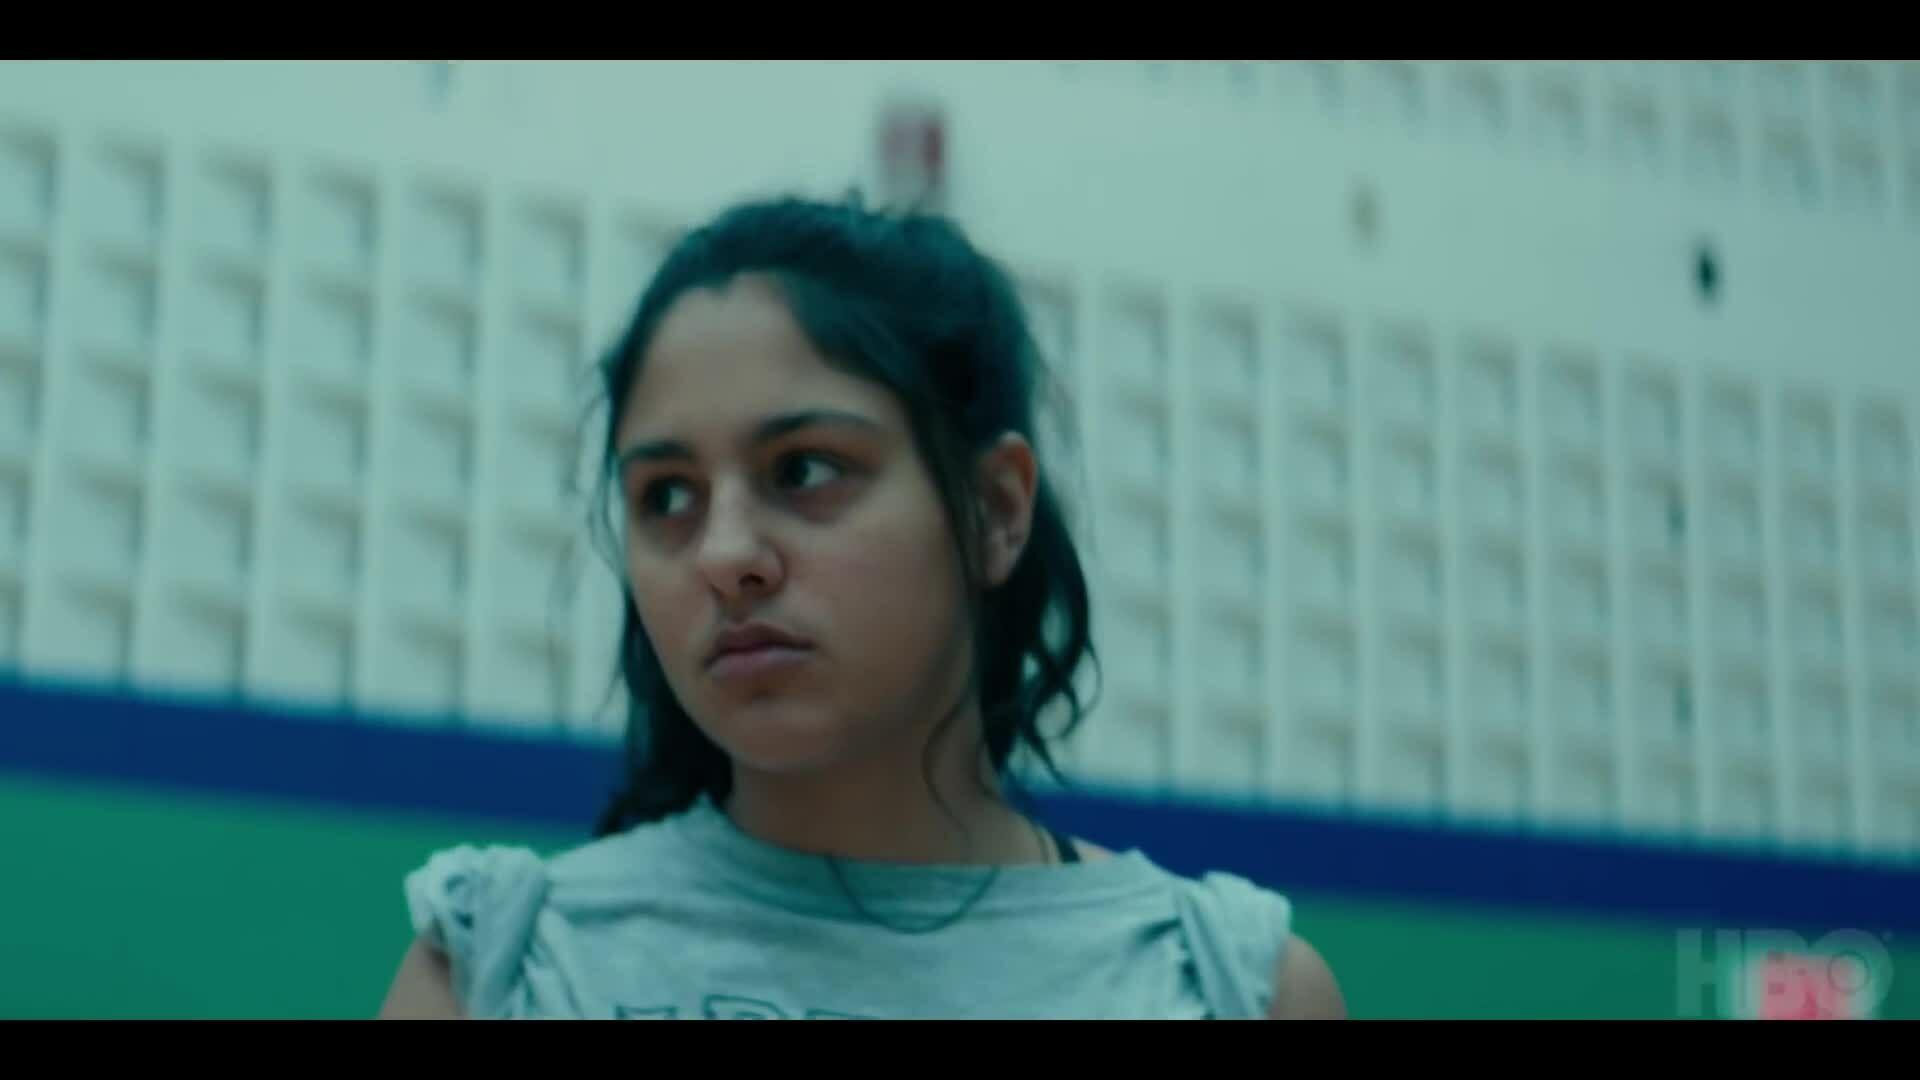 'Share' - phim về nữ sinh bị phát tán clip nhạy cảm